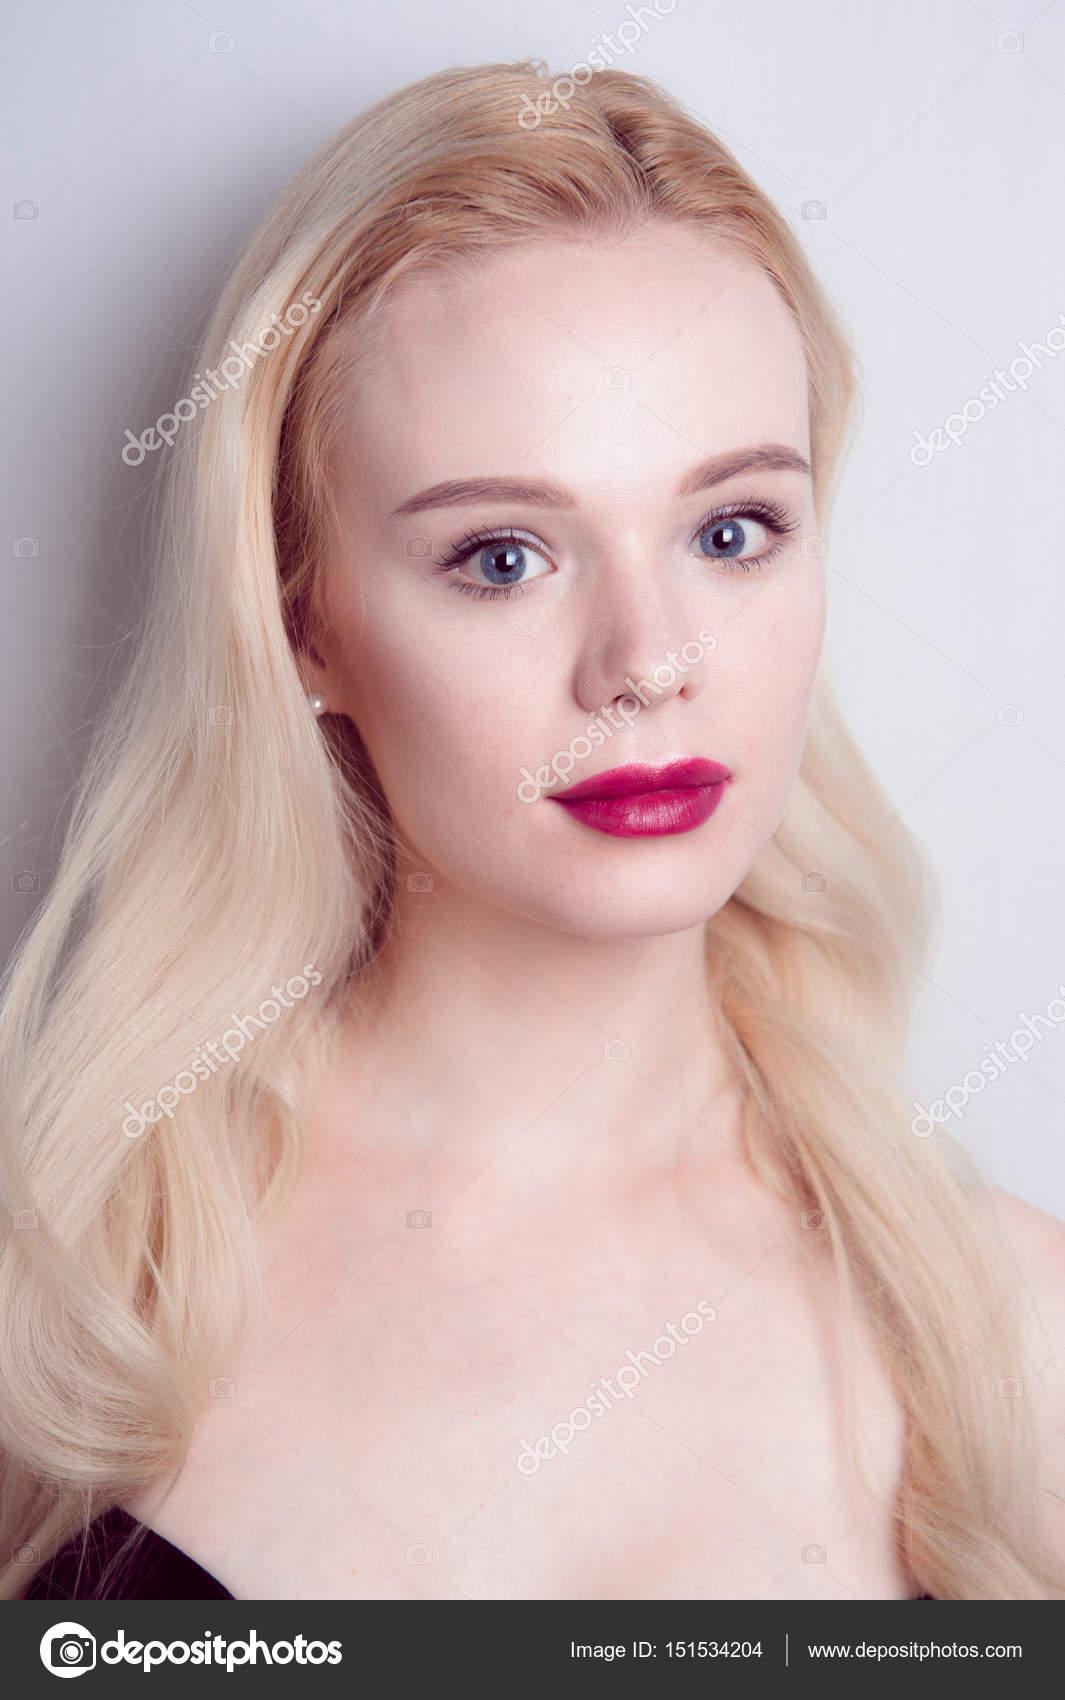 Beauty Model Mädchen Mit Perfekten Make Up Roten Lippen Und Blaue